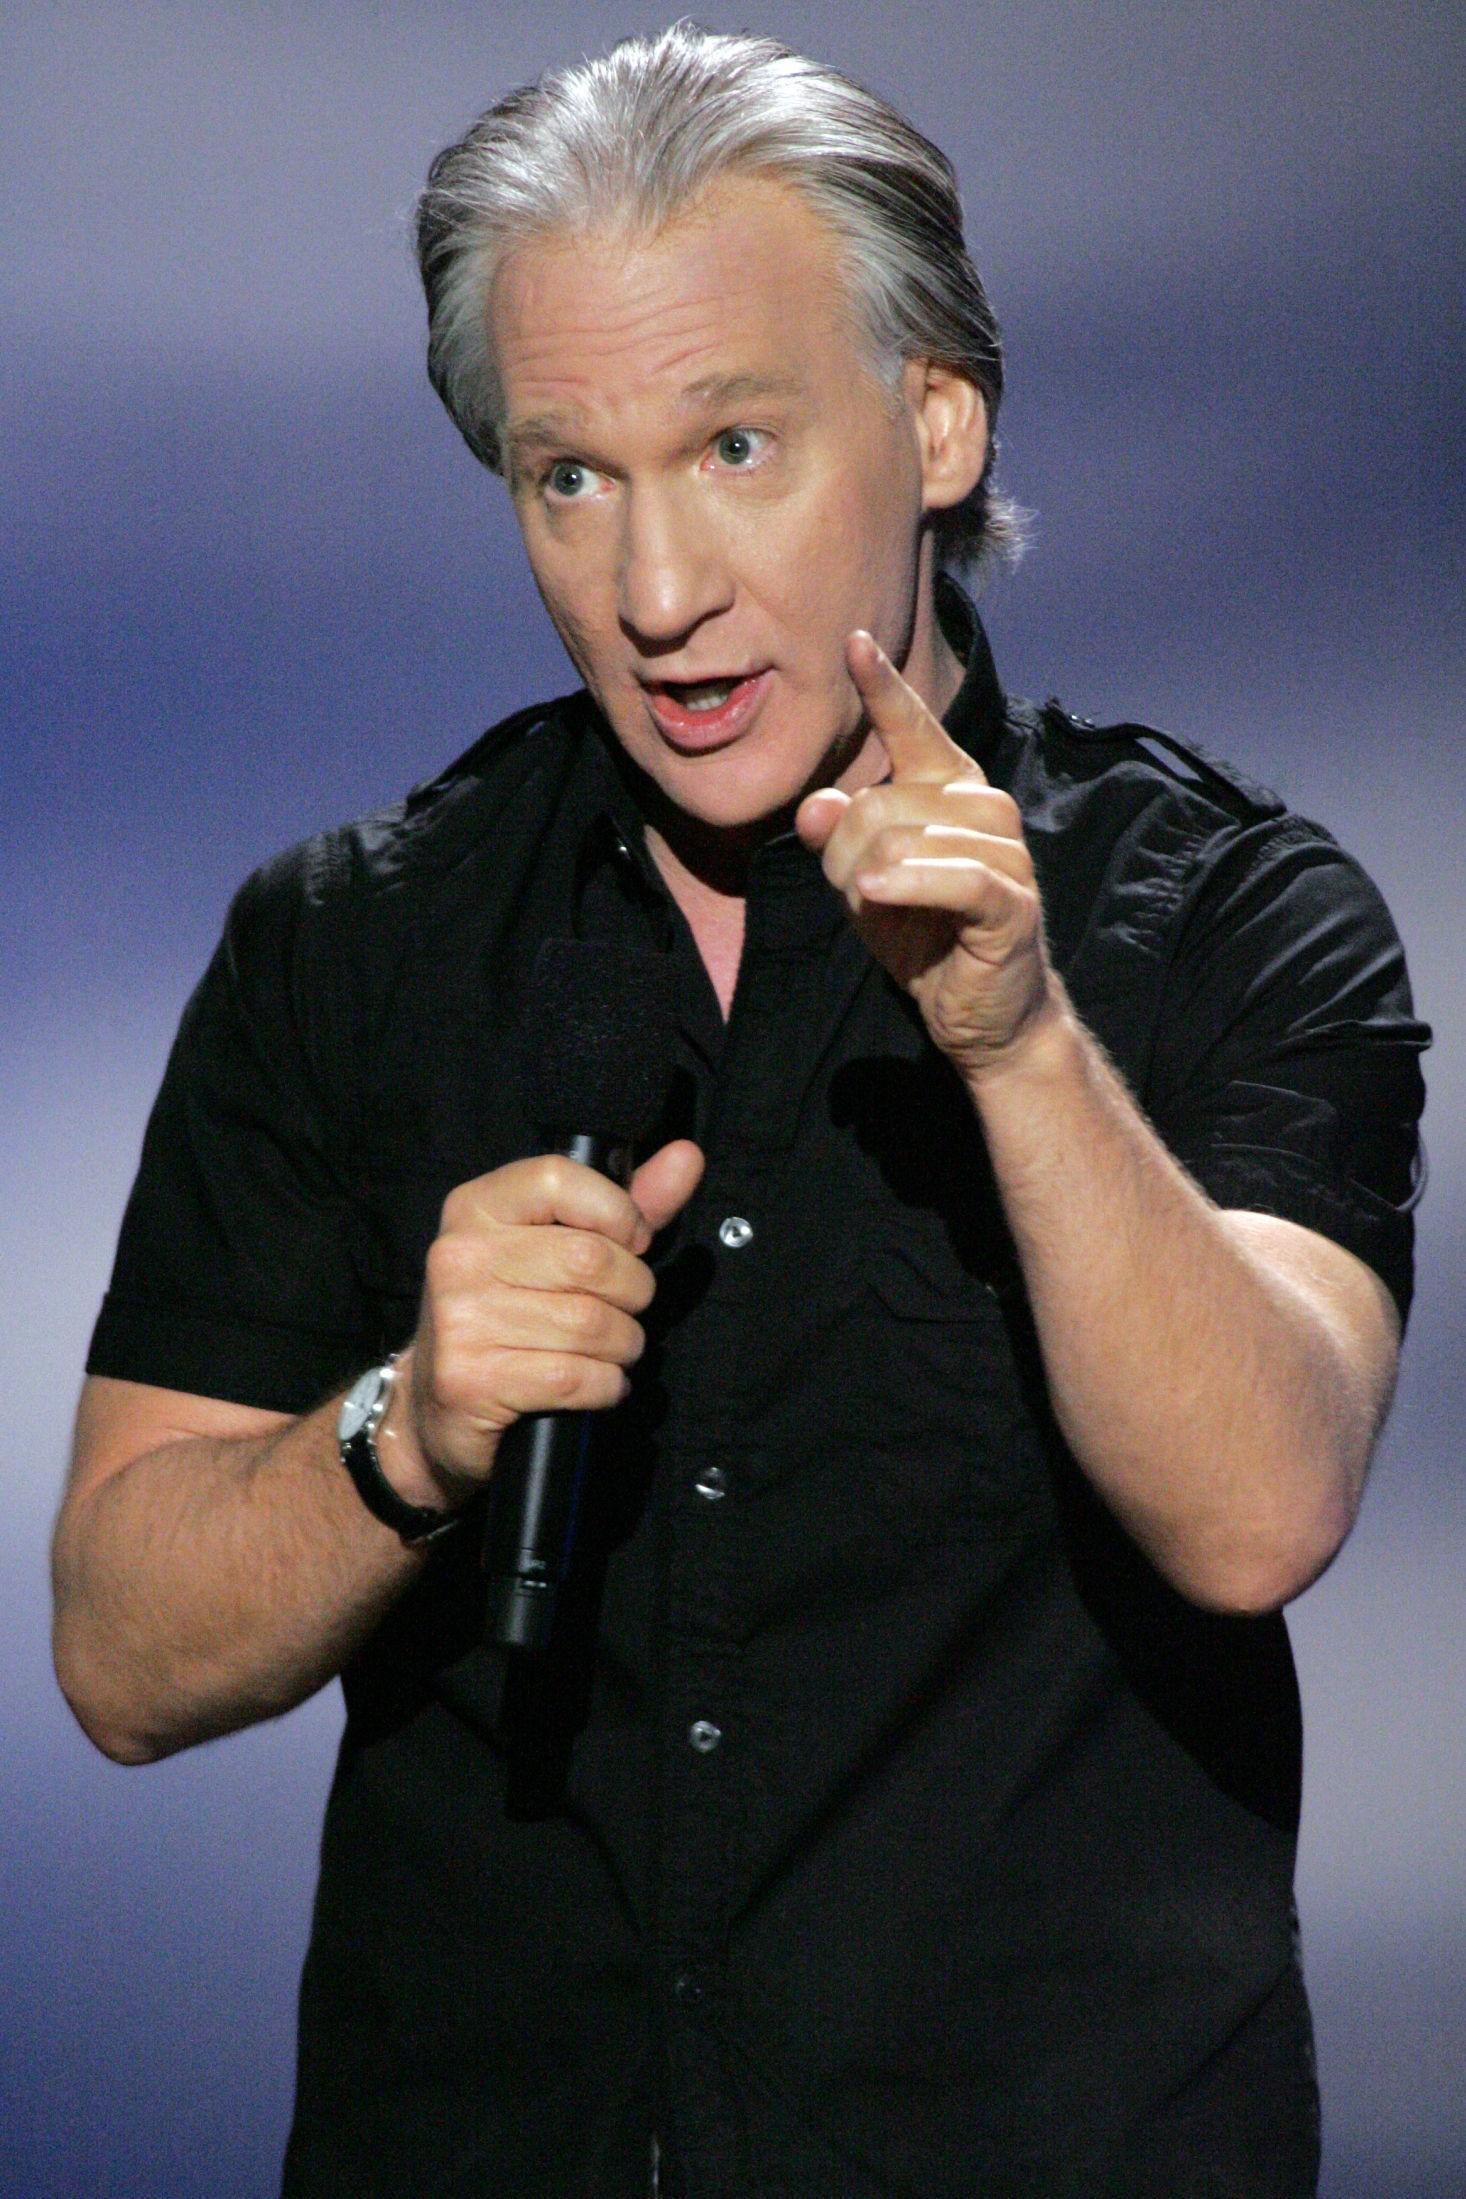 KOMMER TIL OSLO: Den amerikanske komikeren og satirikeren Bill Maher kommer til Oslo 27. mai. Her fra stand up-scenen i USA.